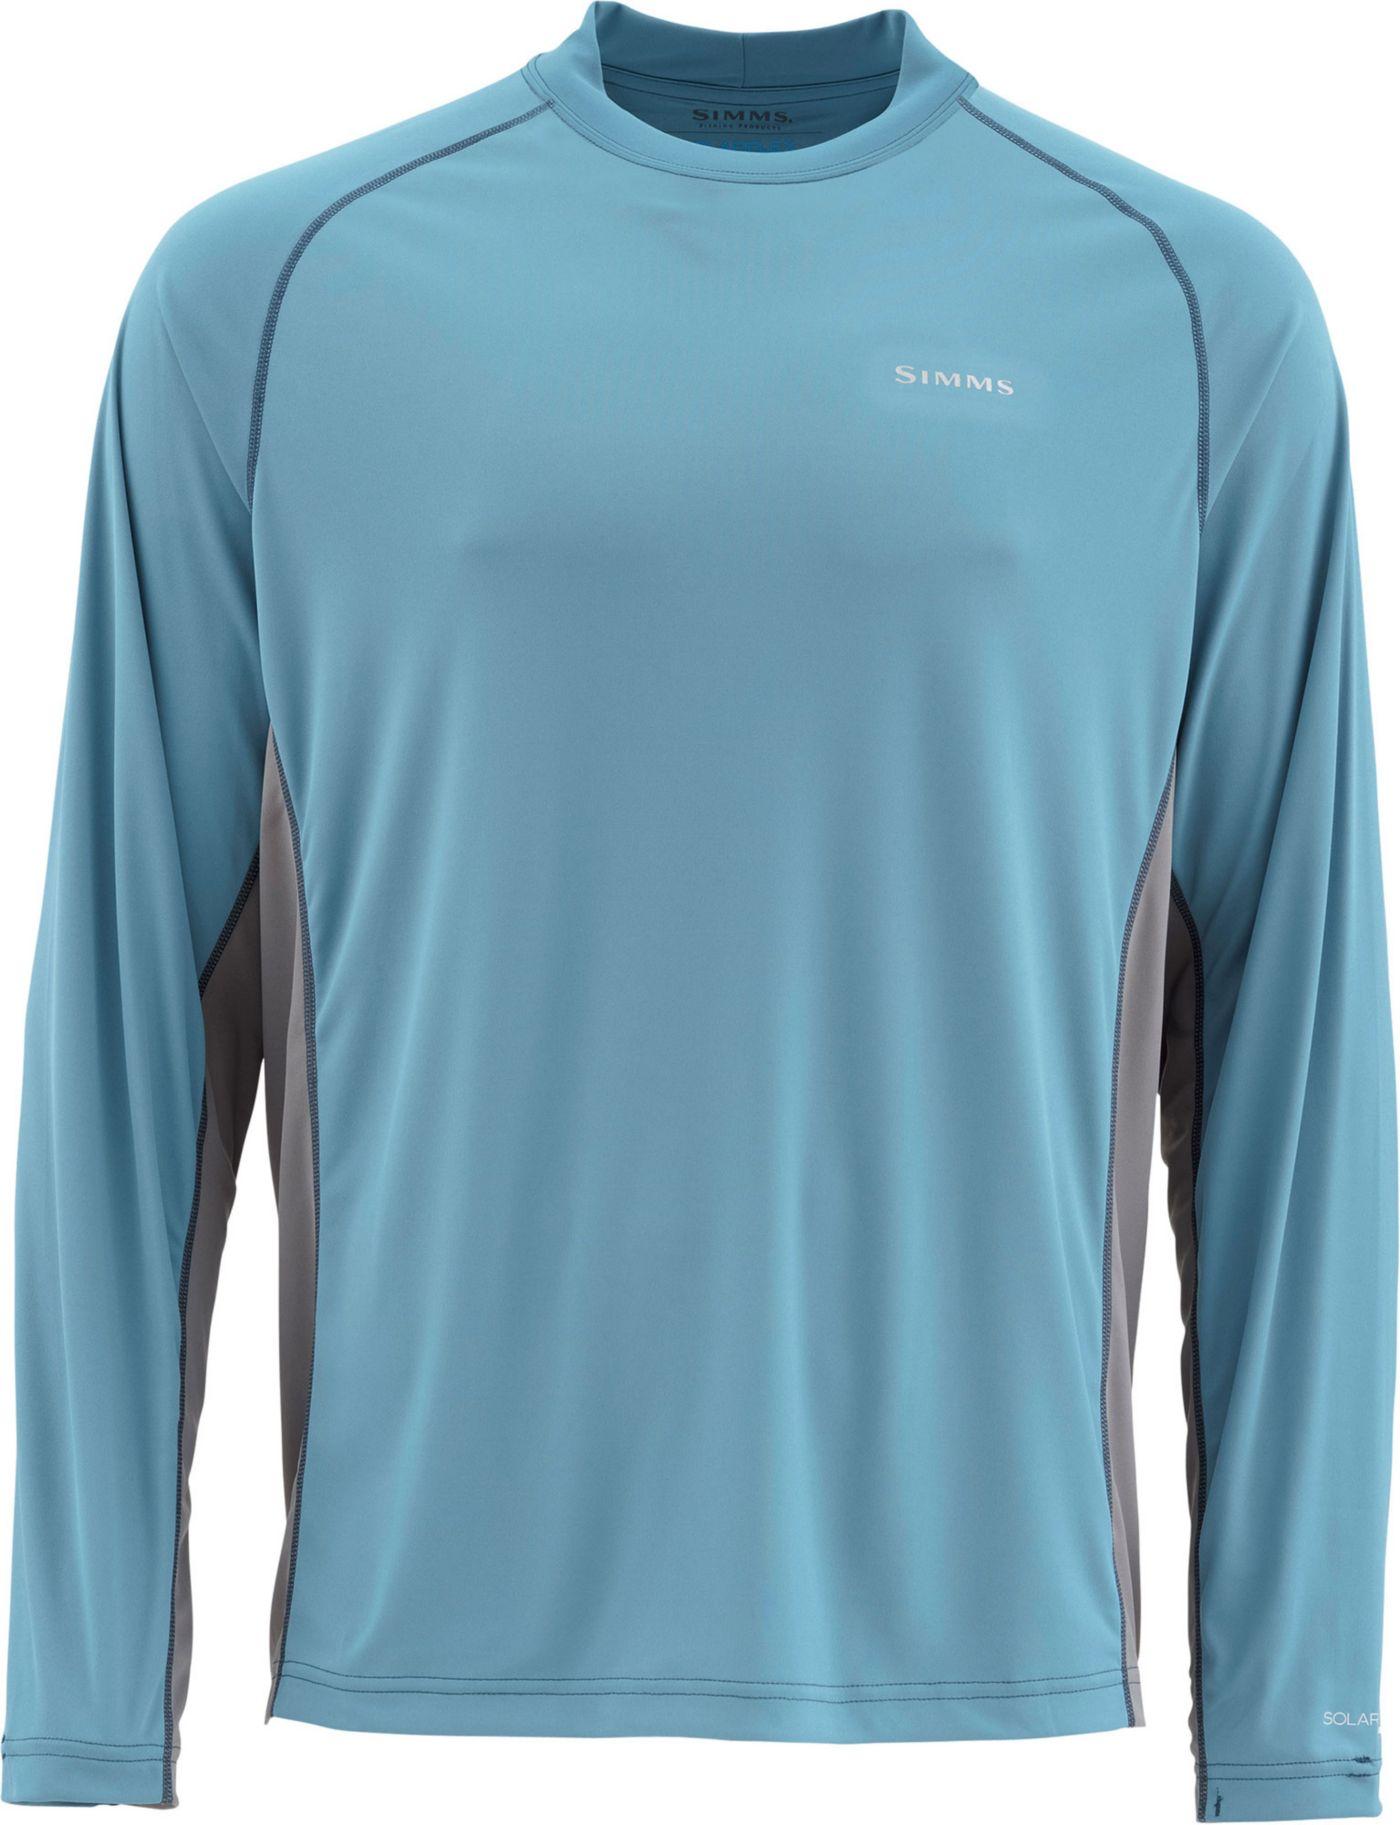 Simms Men's Solarflex Long Sleeve Technical Shirt